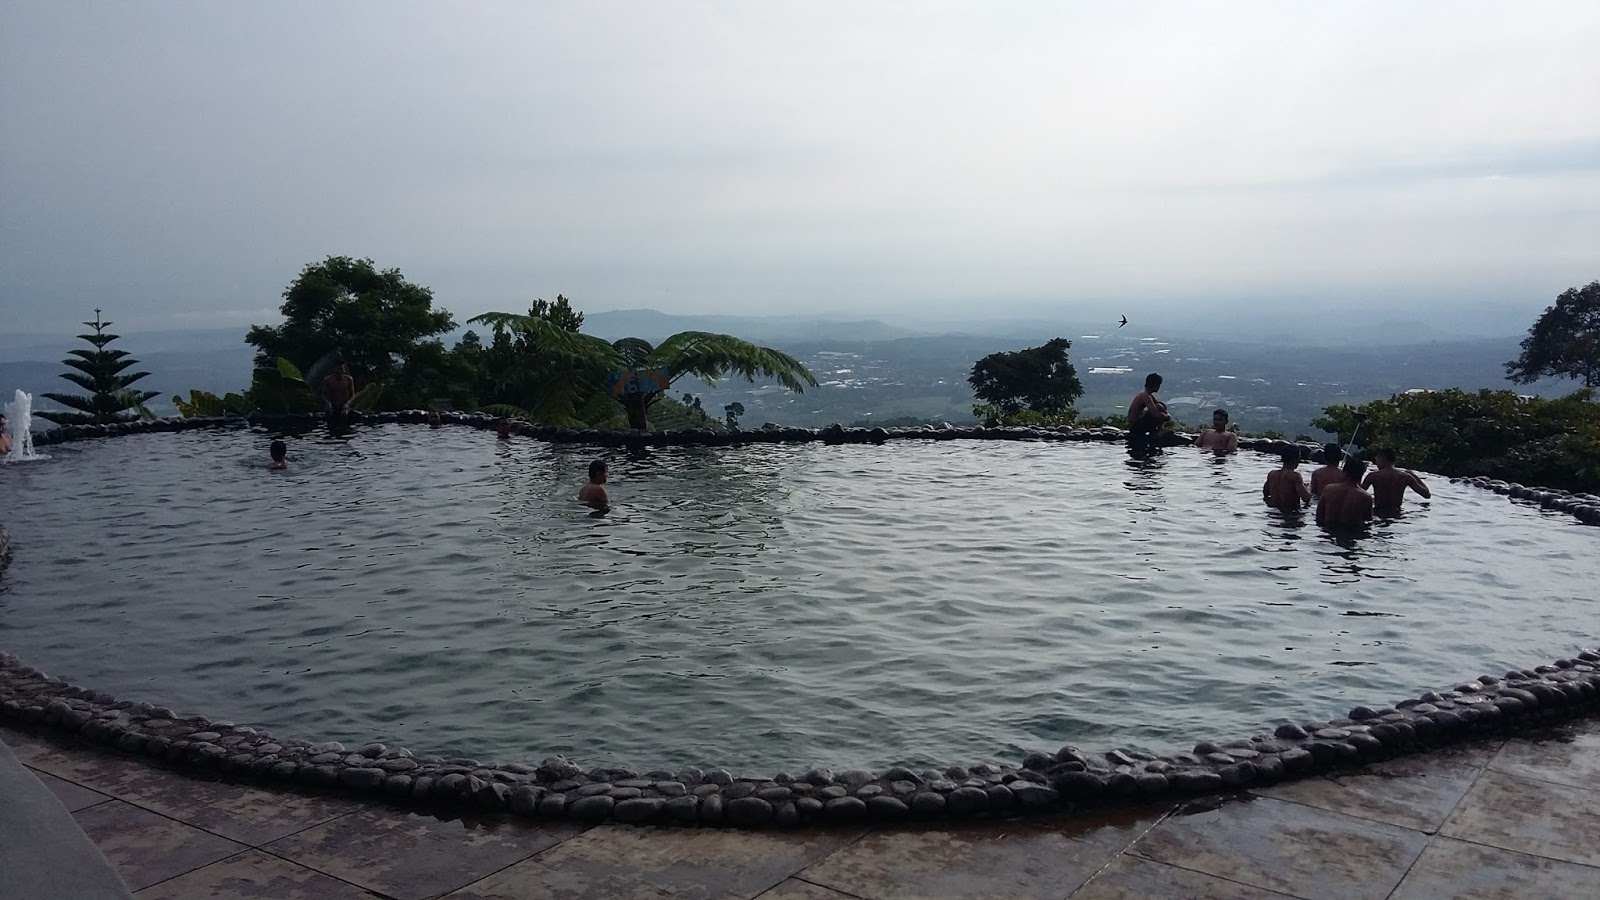 Umbul Sidomukti Menikmati Dinginya Mata Air Atas Bukit Terletak Desa